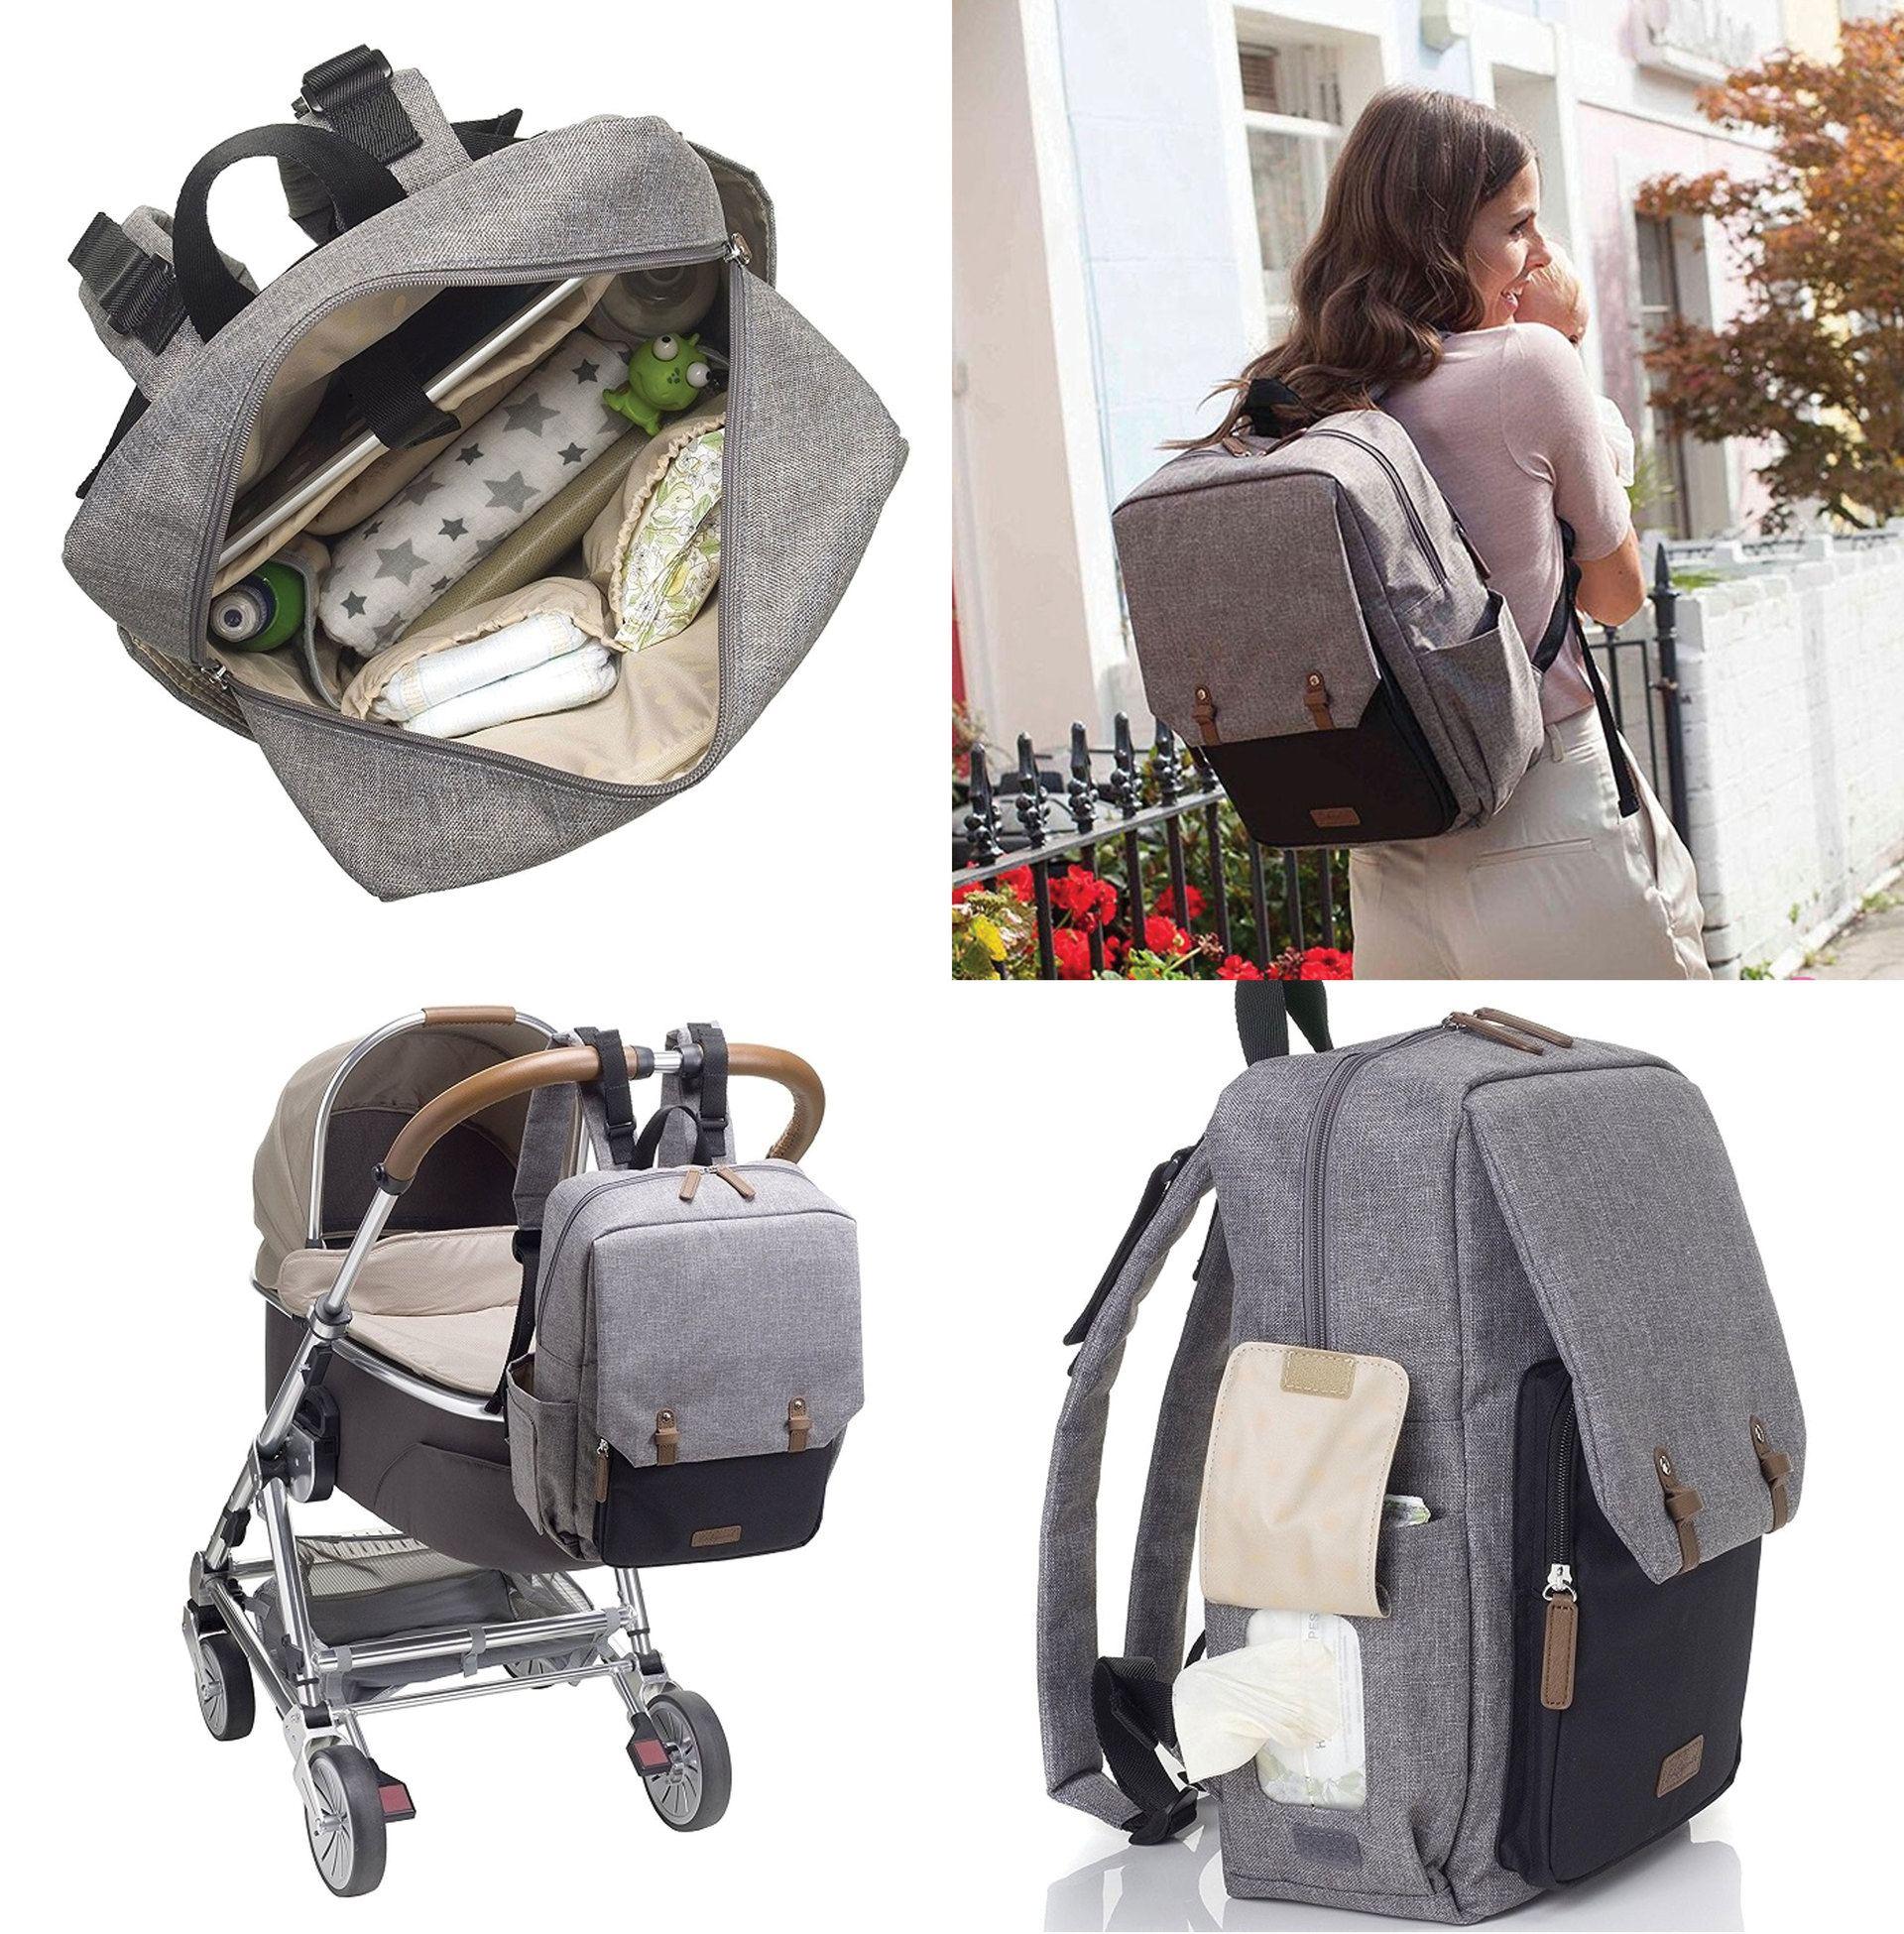 plecak-rodzinny-plecak-dla-mam-